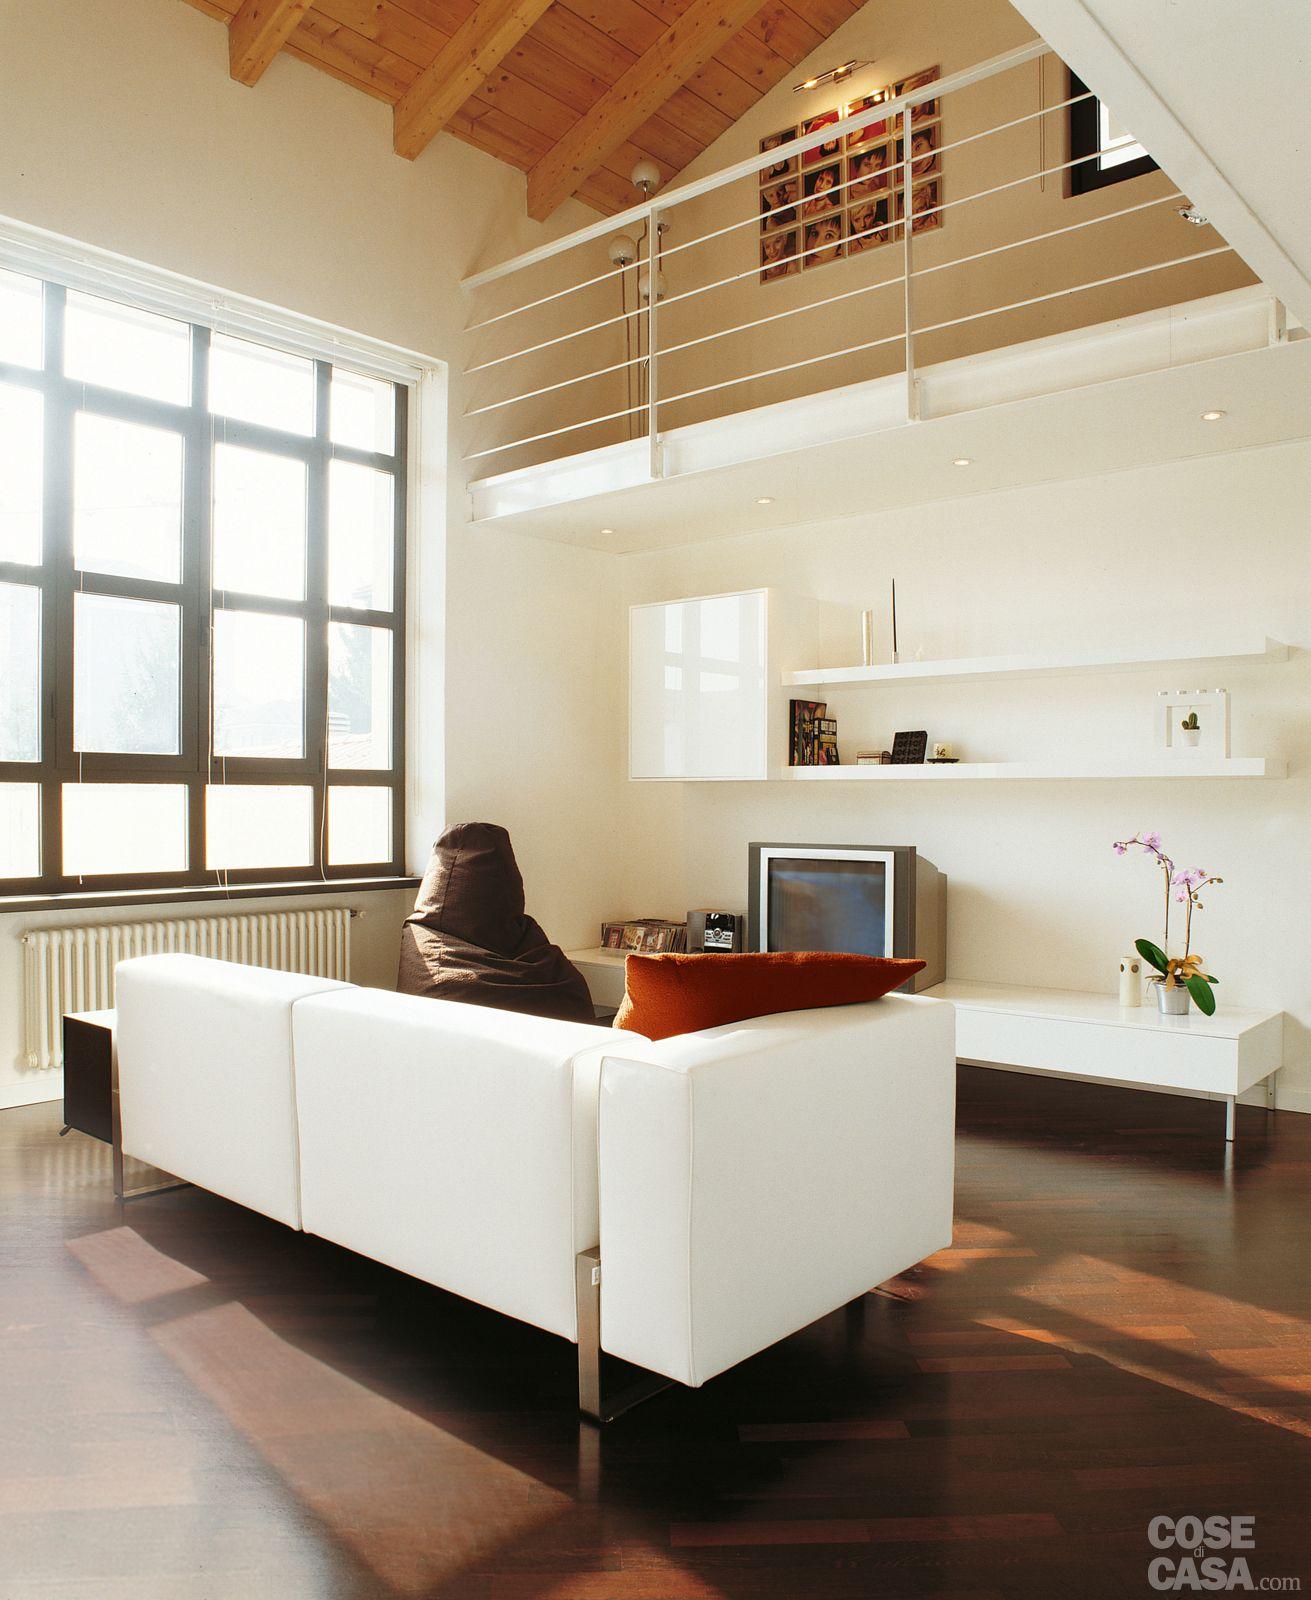 Una casa a doppia altezza con soppalco di 70 mq soppalco for Piccole planimetrie della casa con soppalco